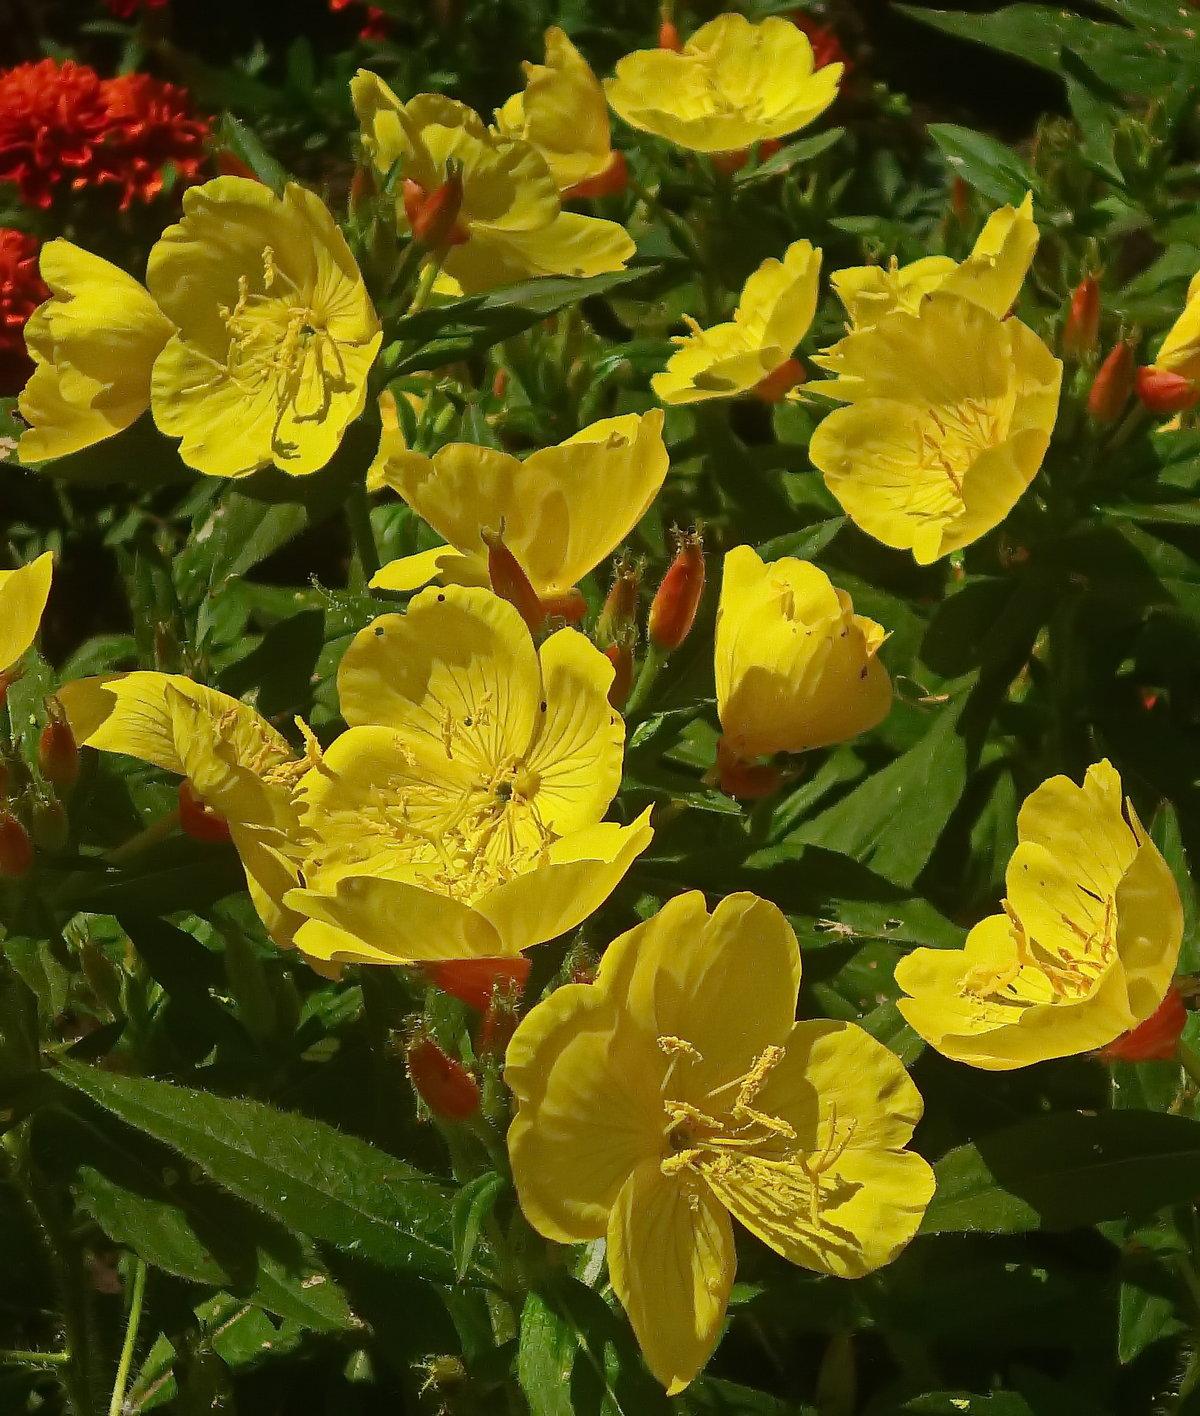 Картинки женский ноги туфли цветы этой картинке